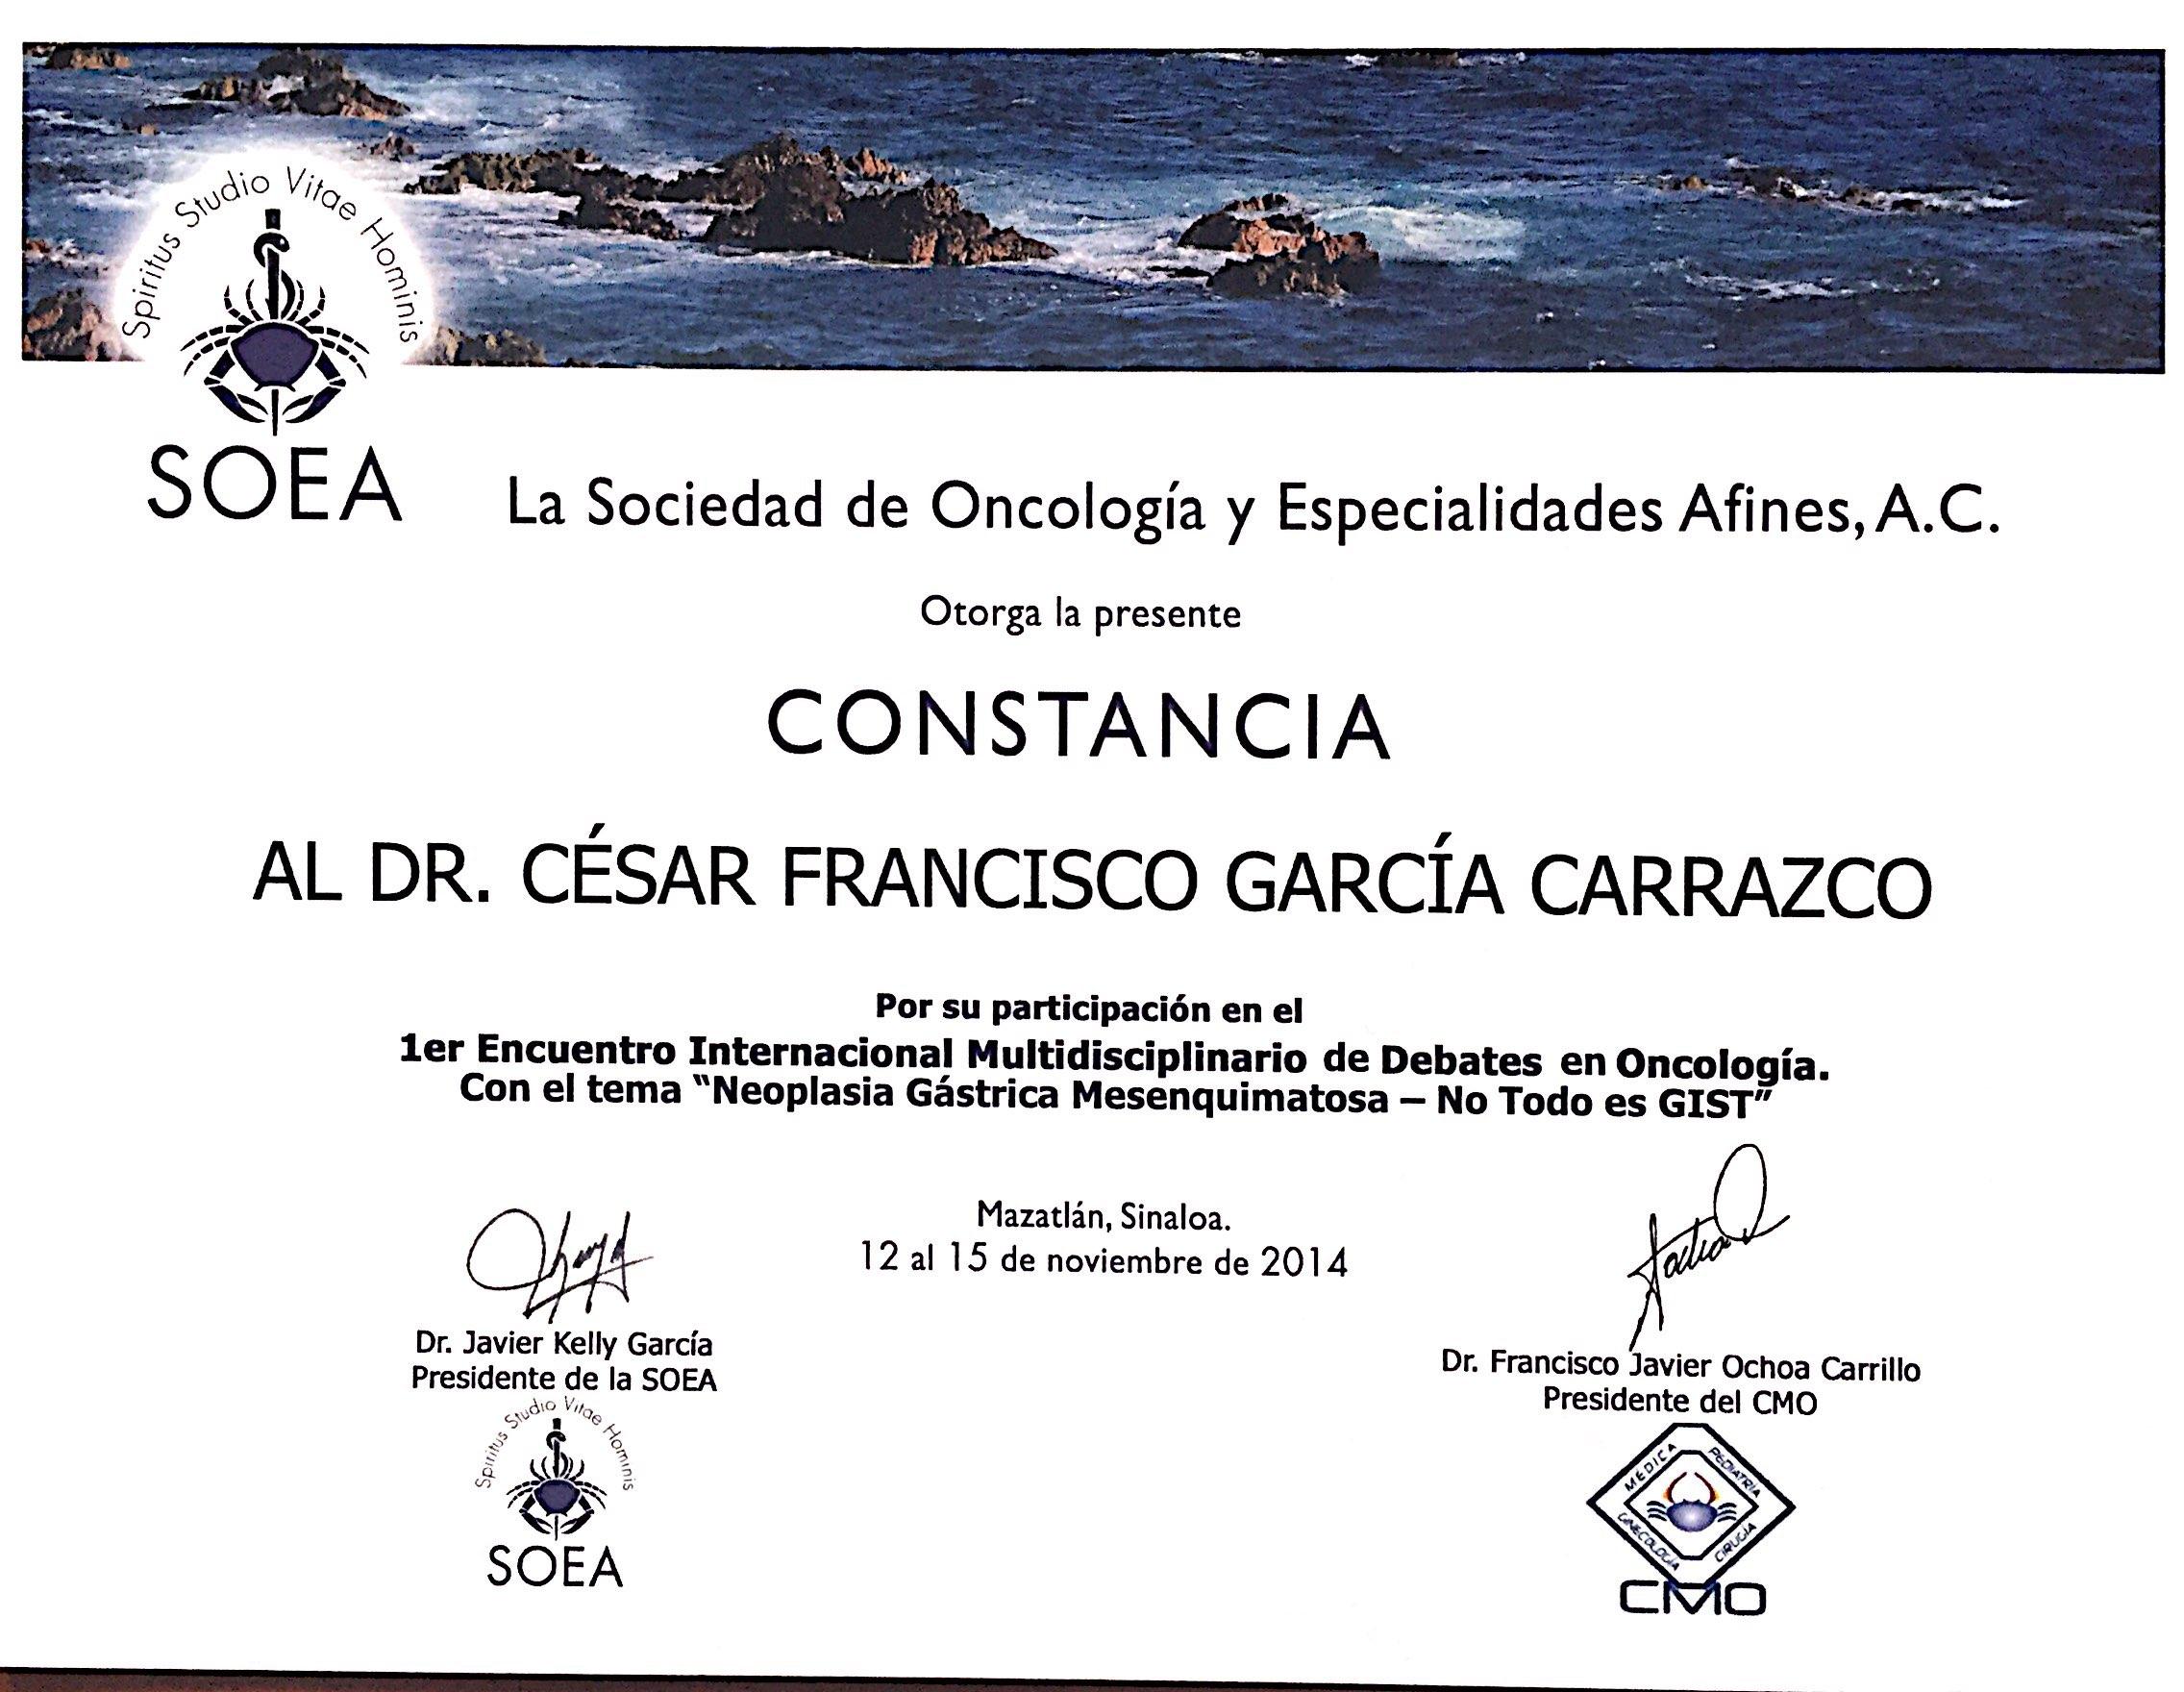 Dr. Garcia Carrazco_56